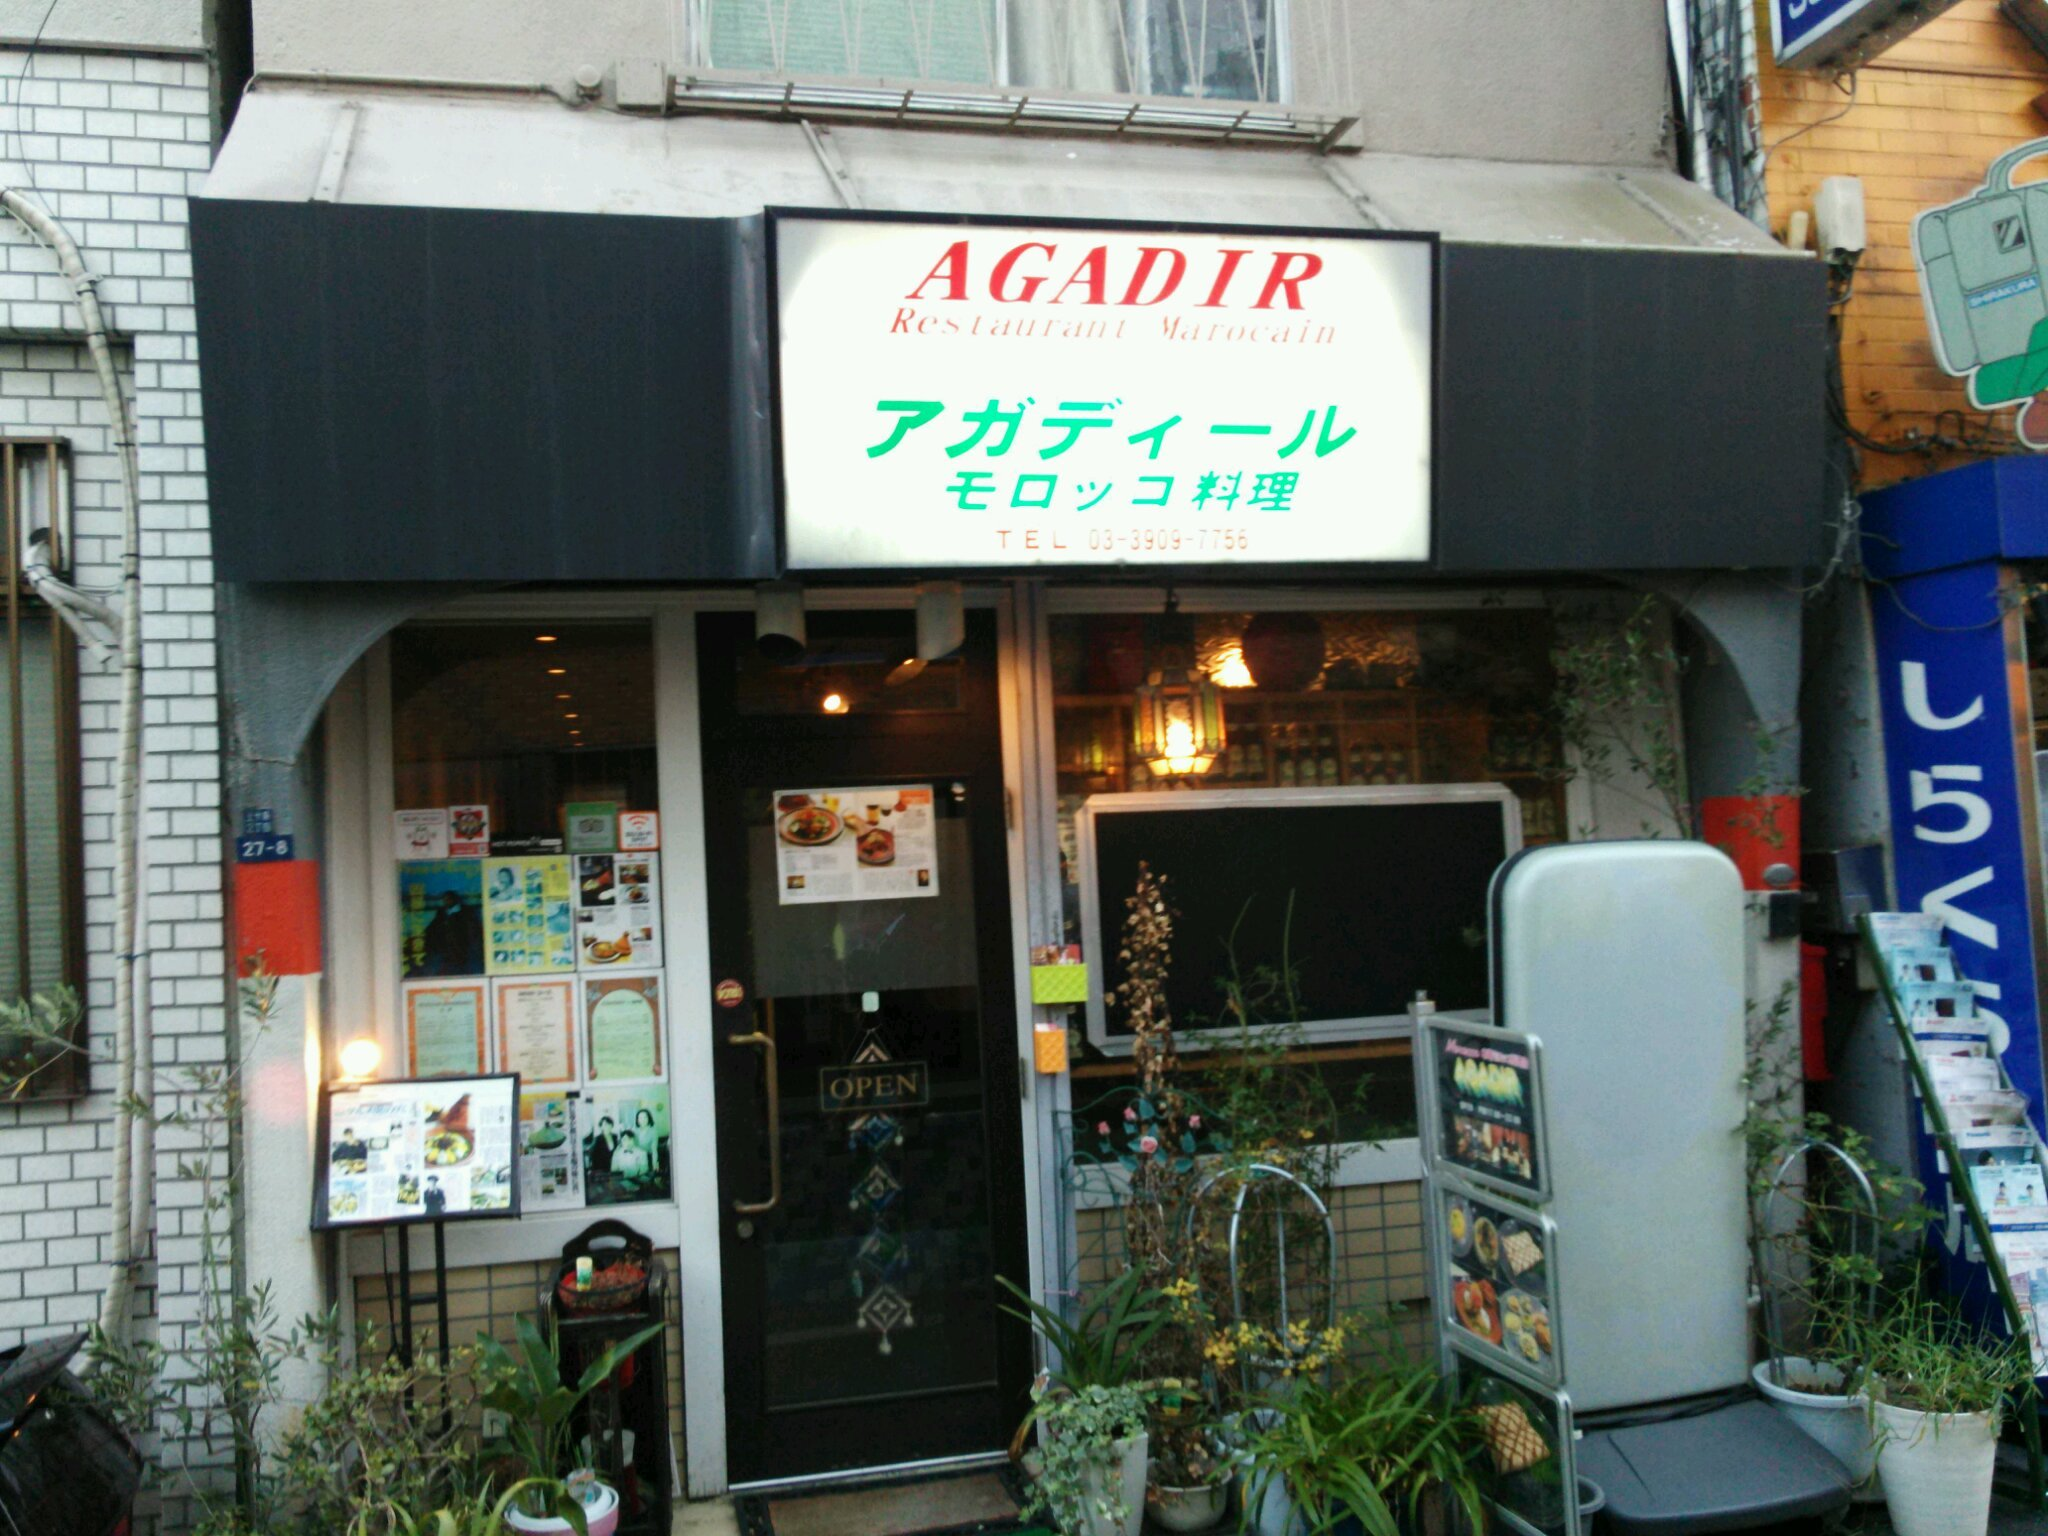 アガディール  十条店